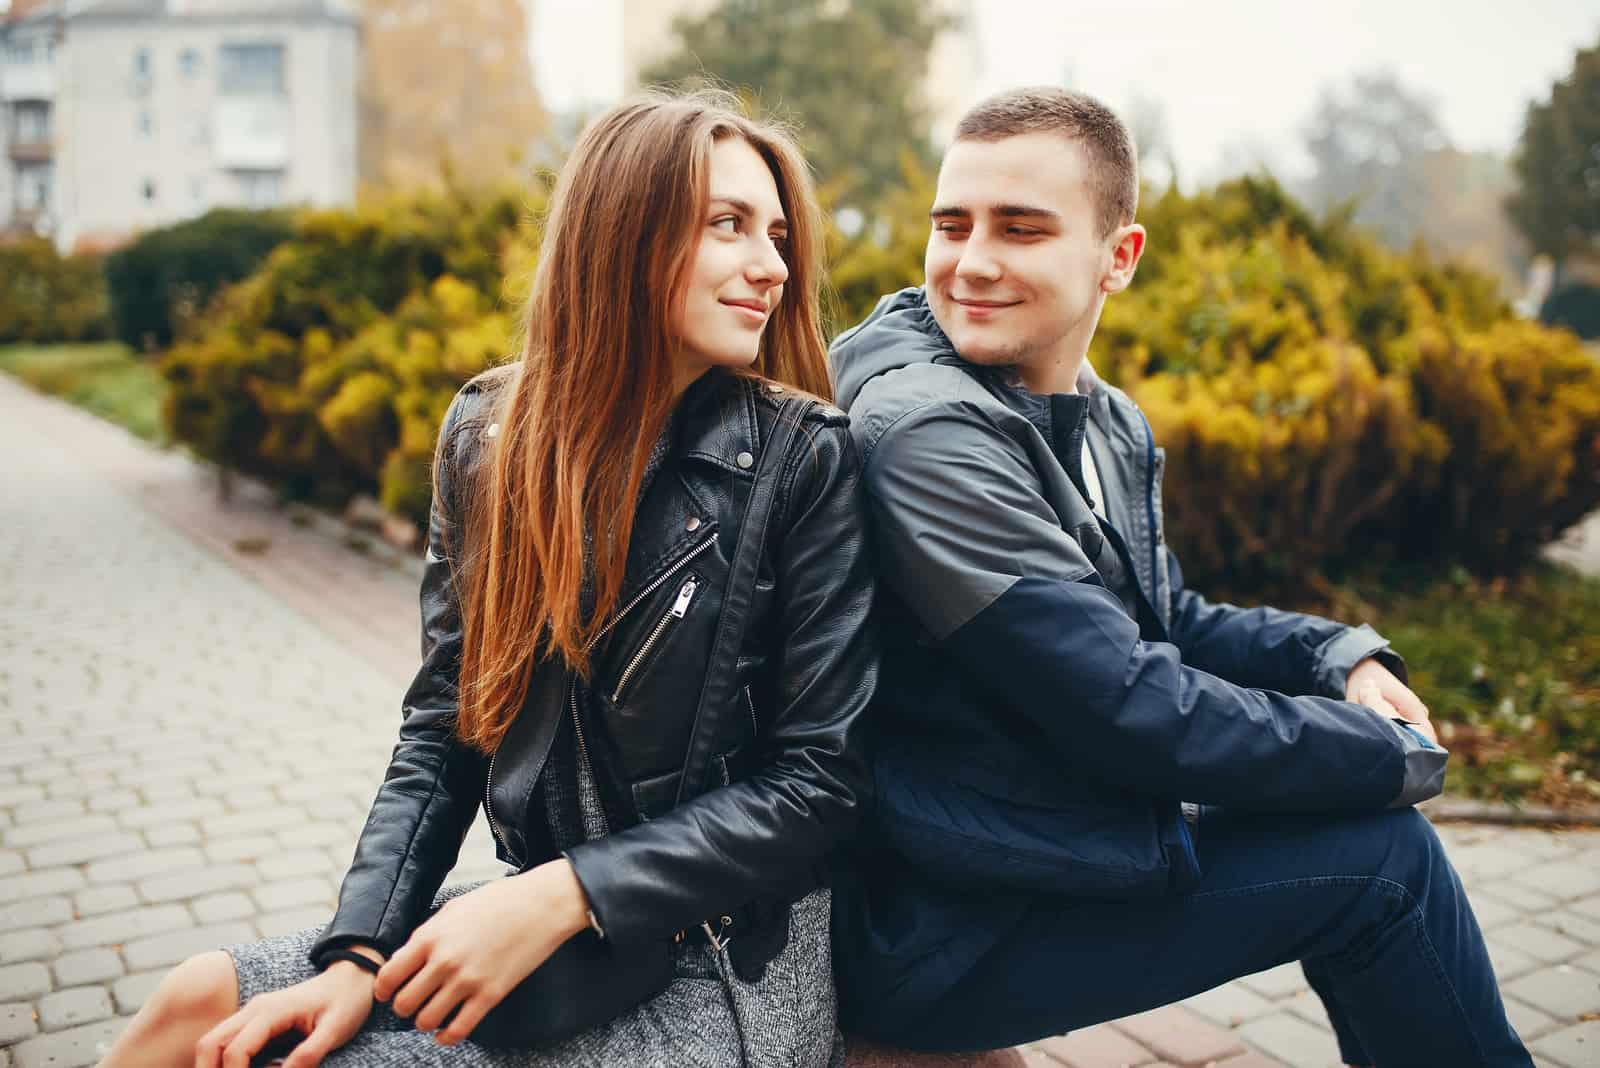 Auf der Parkbank sitzt ein lächelndes Paar und sie sehen sich an